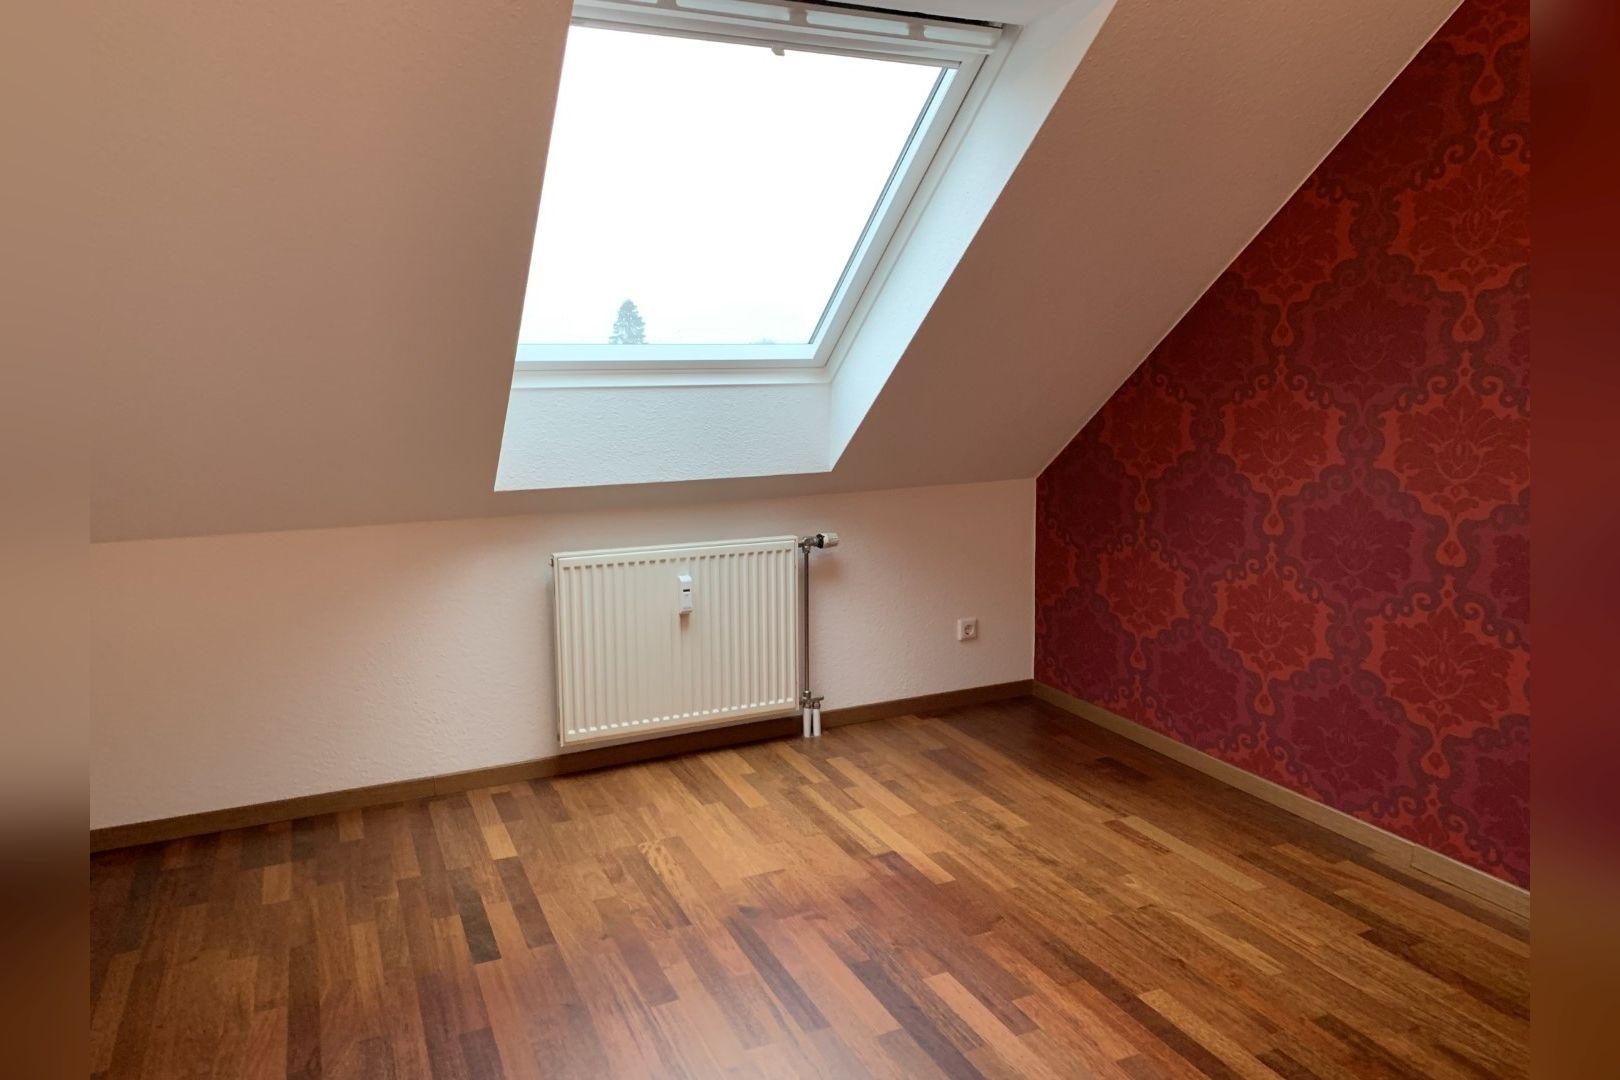 Immobilie Nr.0253 - 3-Zimmer-Maisonette-Wohnung  - Bild 11.jpg